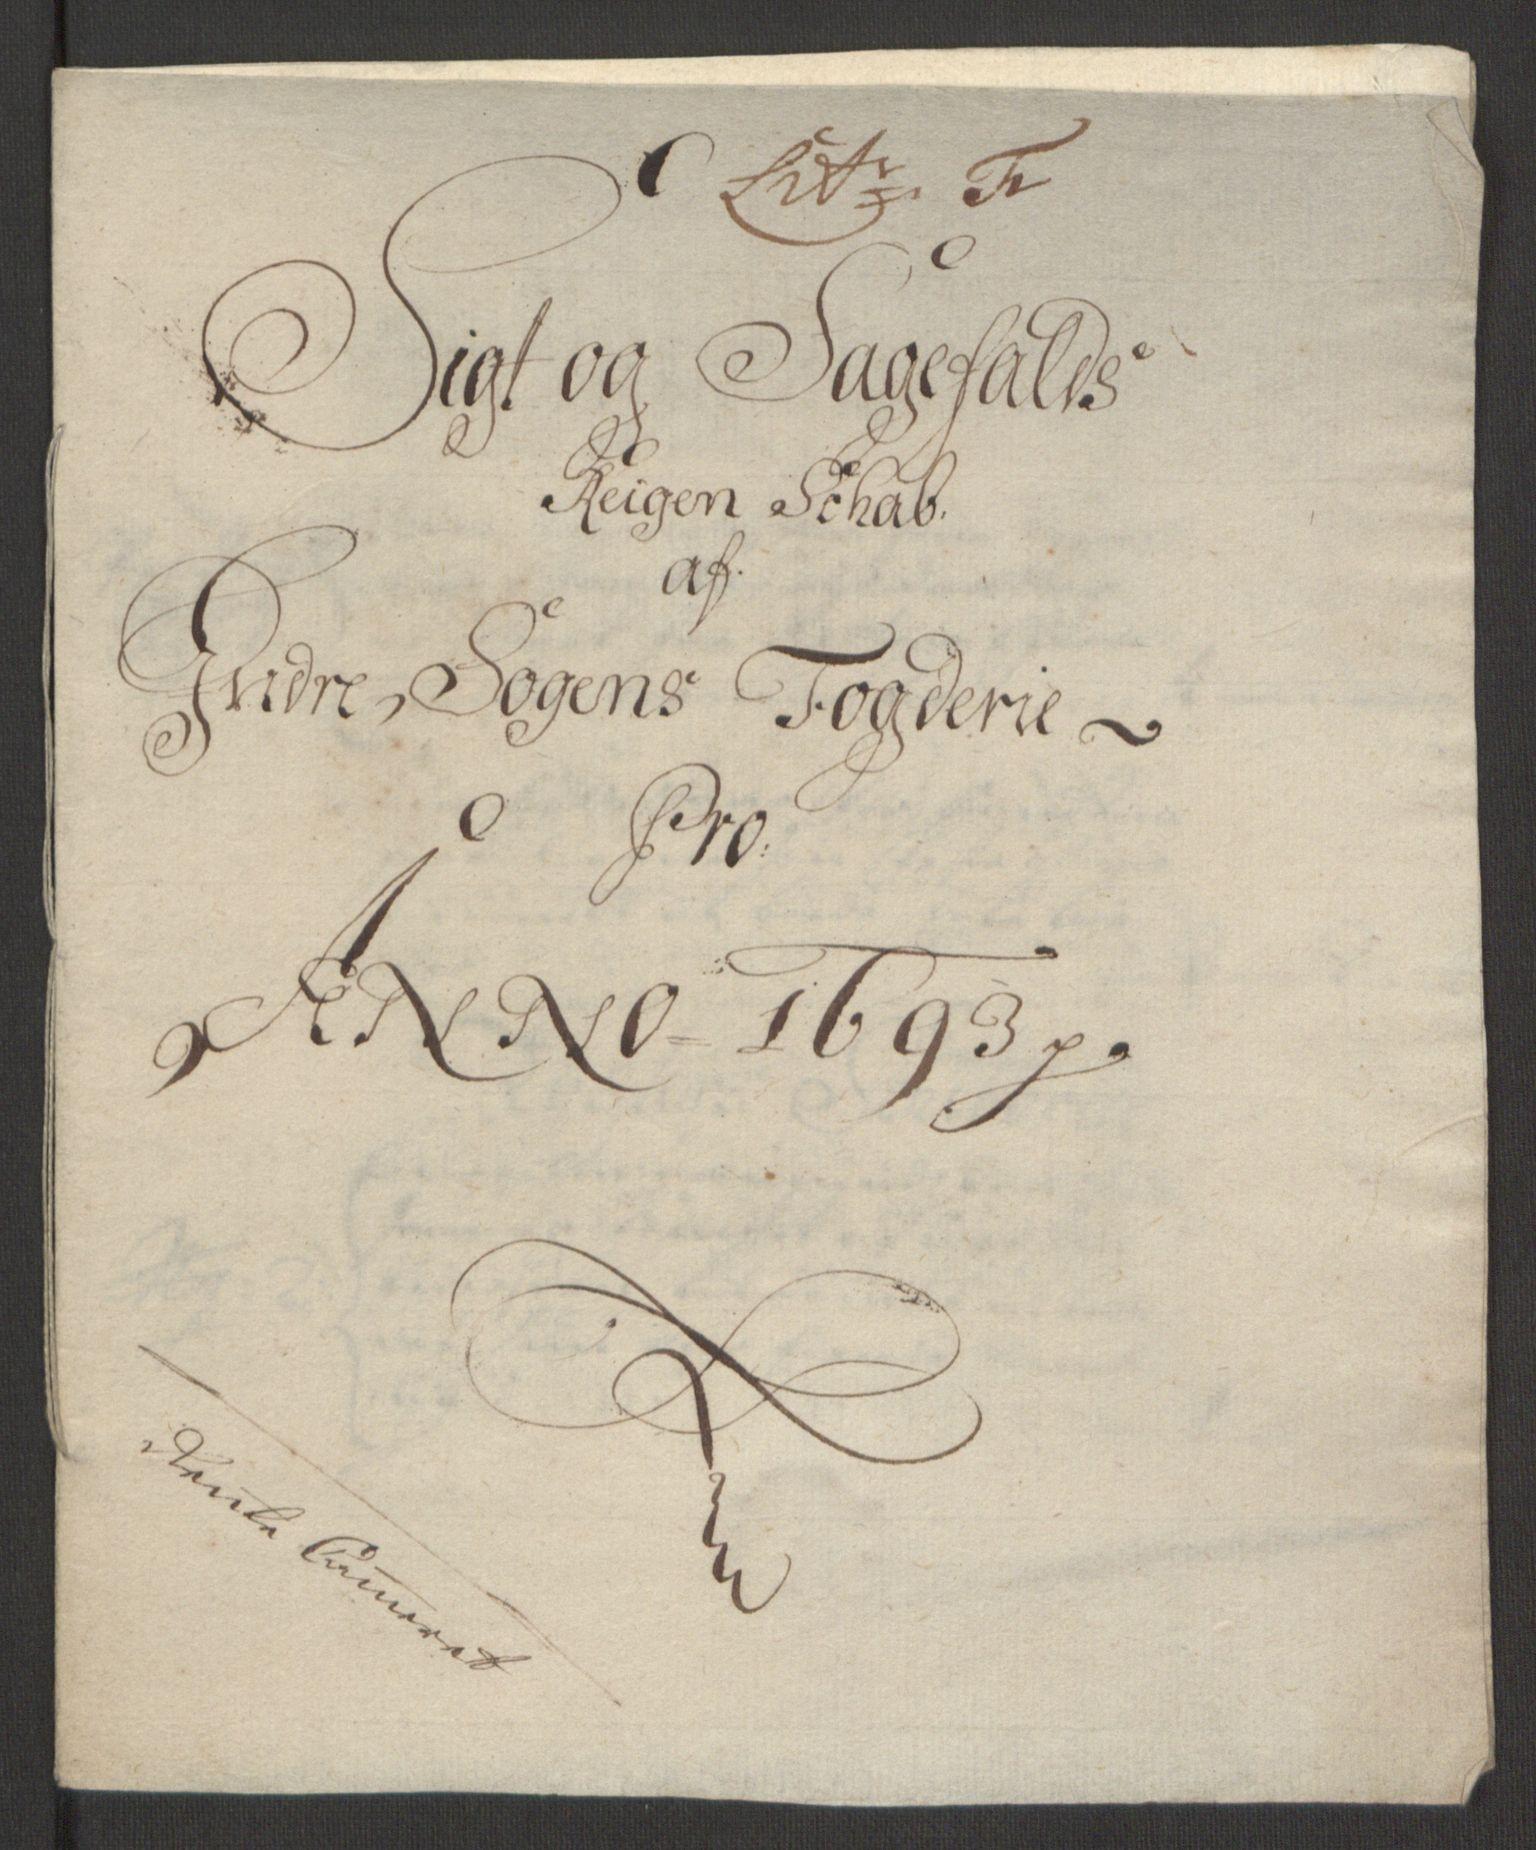 RA, Rentekammeret inntil 1814, Reviderte regnskaper, Fogderegnskap, R52/L3307: Fogderegnskap Sogn, 1693-1694, s. 126